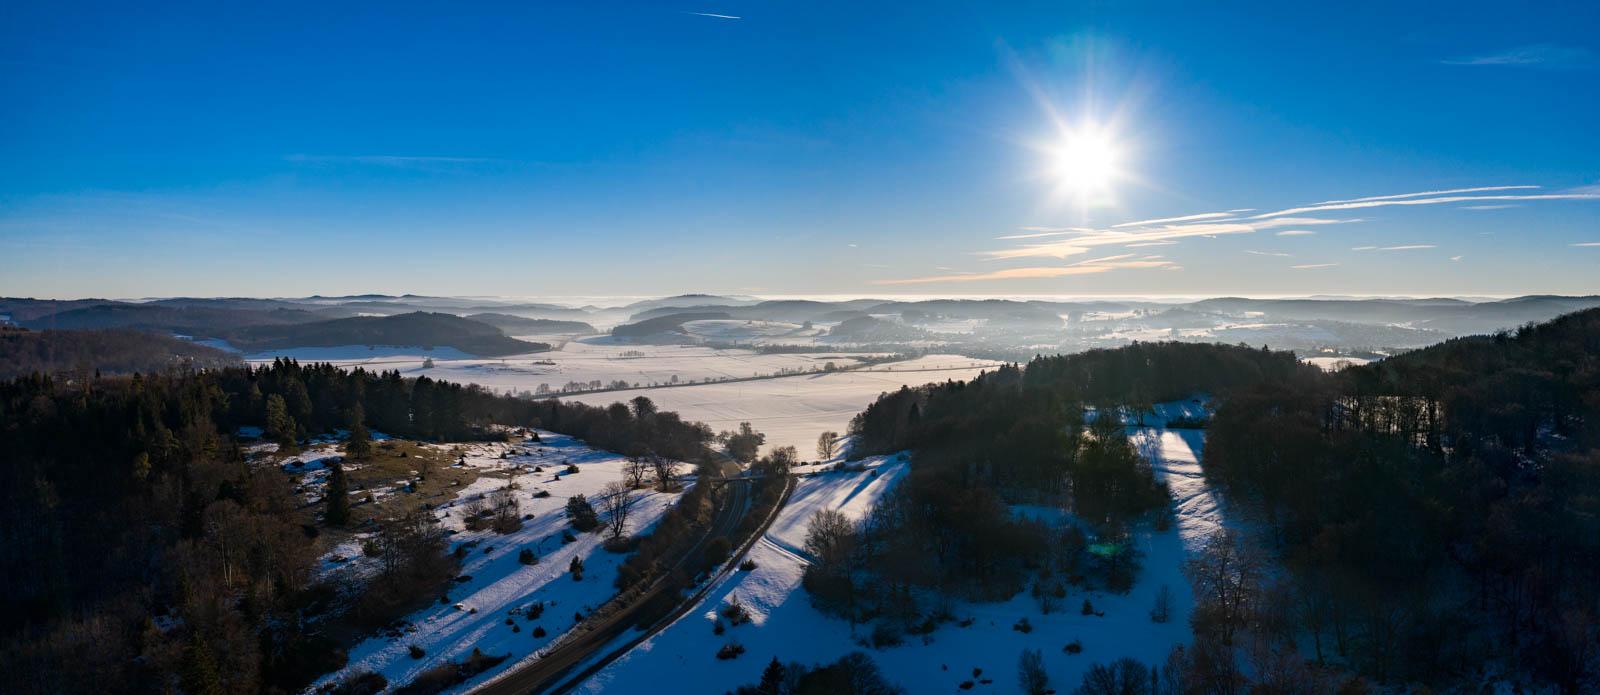 Drohne, Schwäbische Alb, Winter, Albhochfläche, Schnee